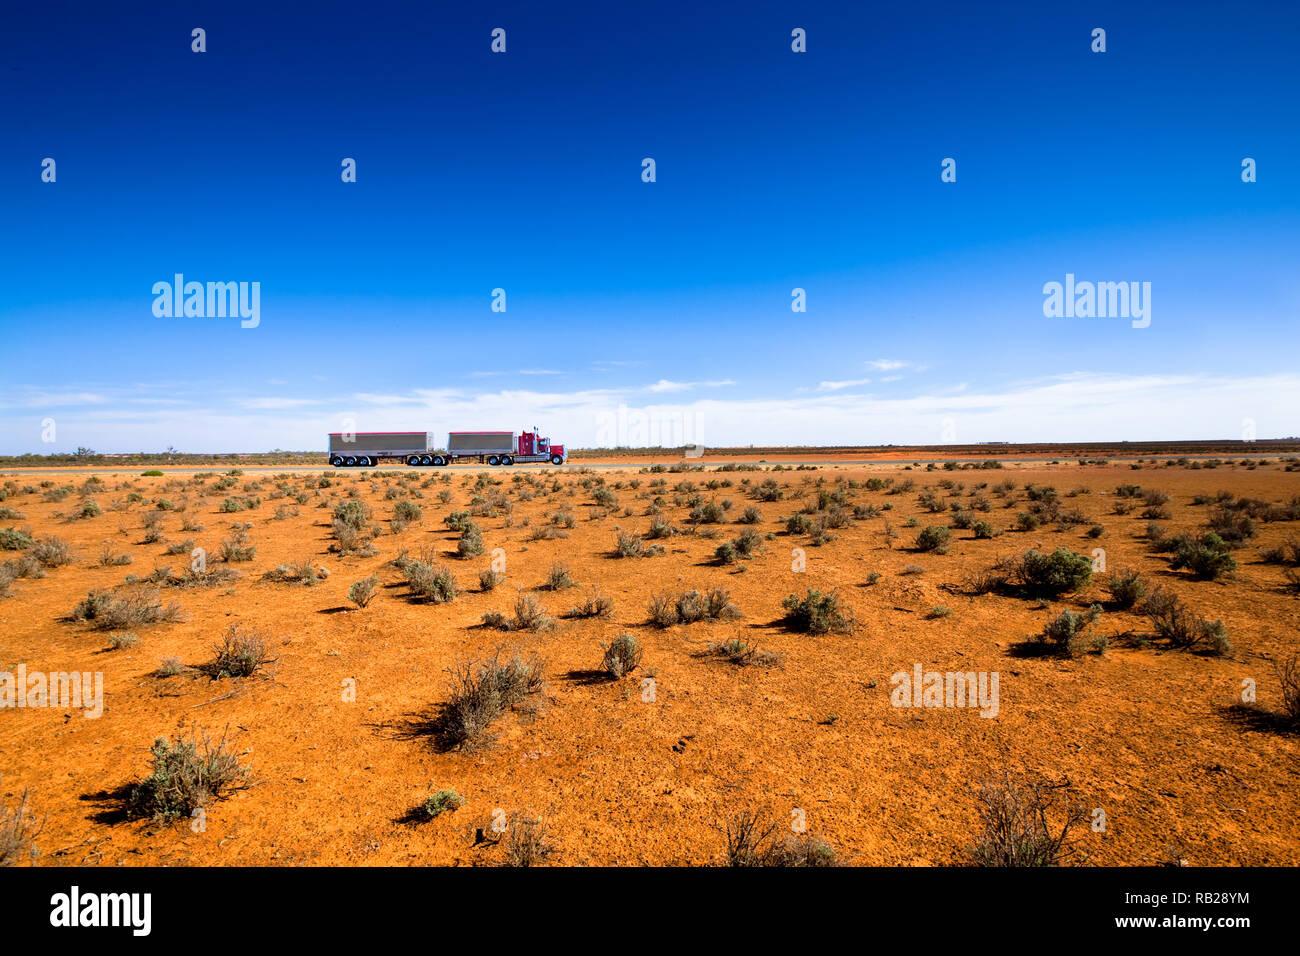 Bulk transport, travels through Semi-Arid region ofg outback Australia. - Stock Image